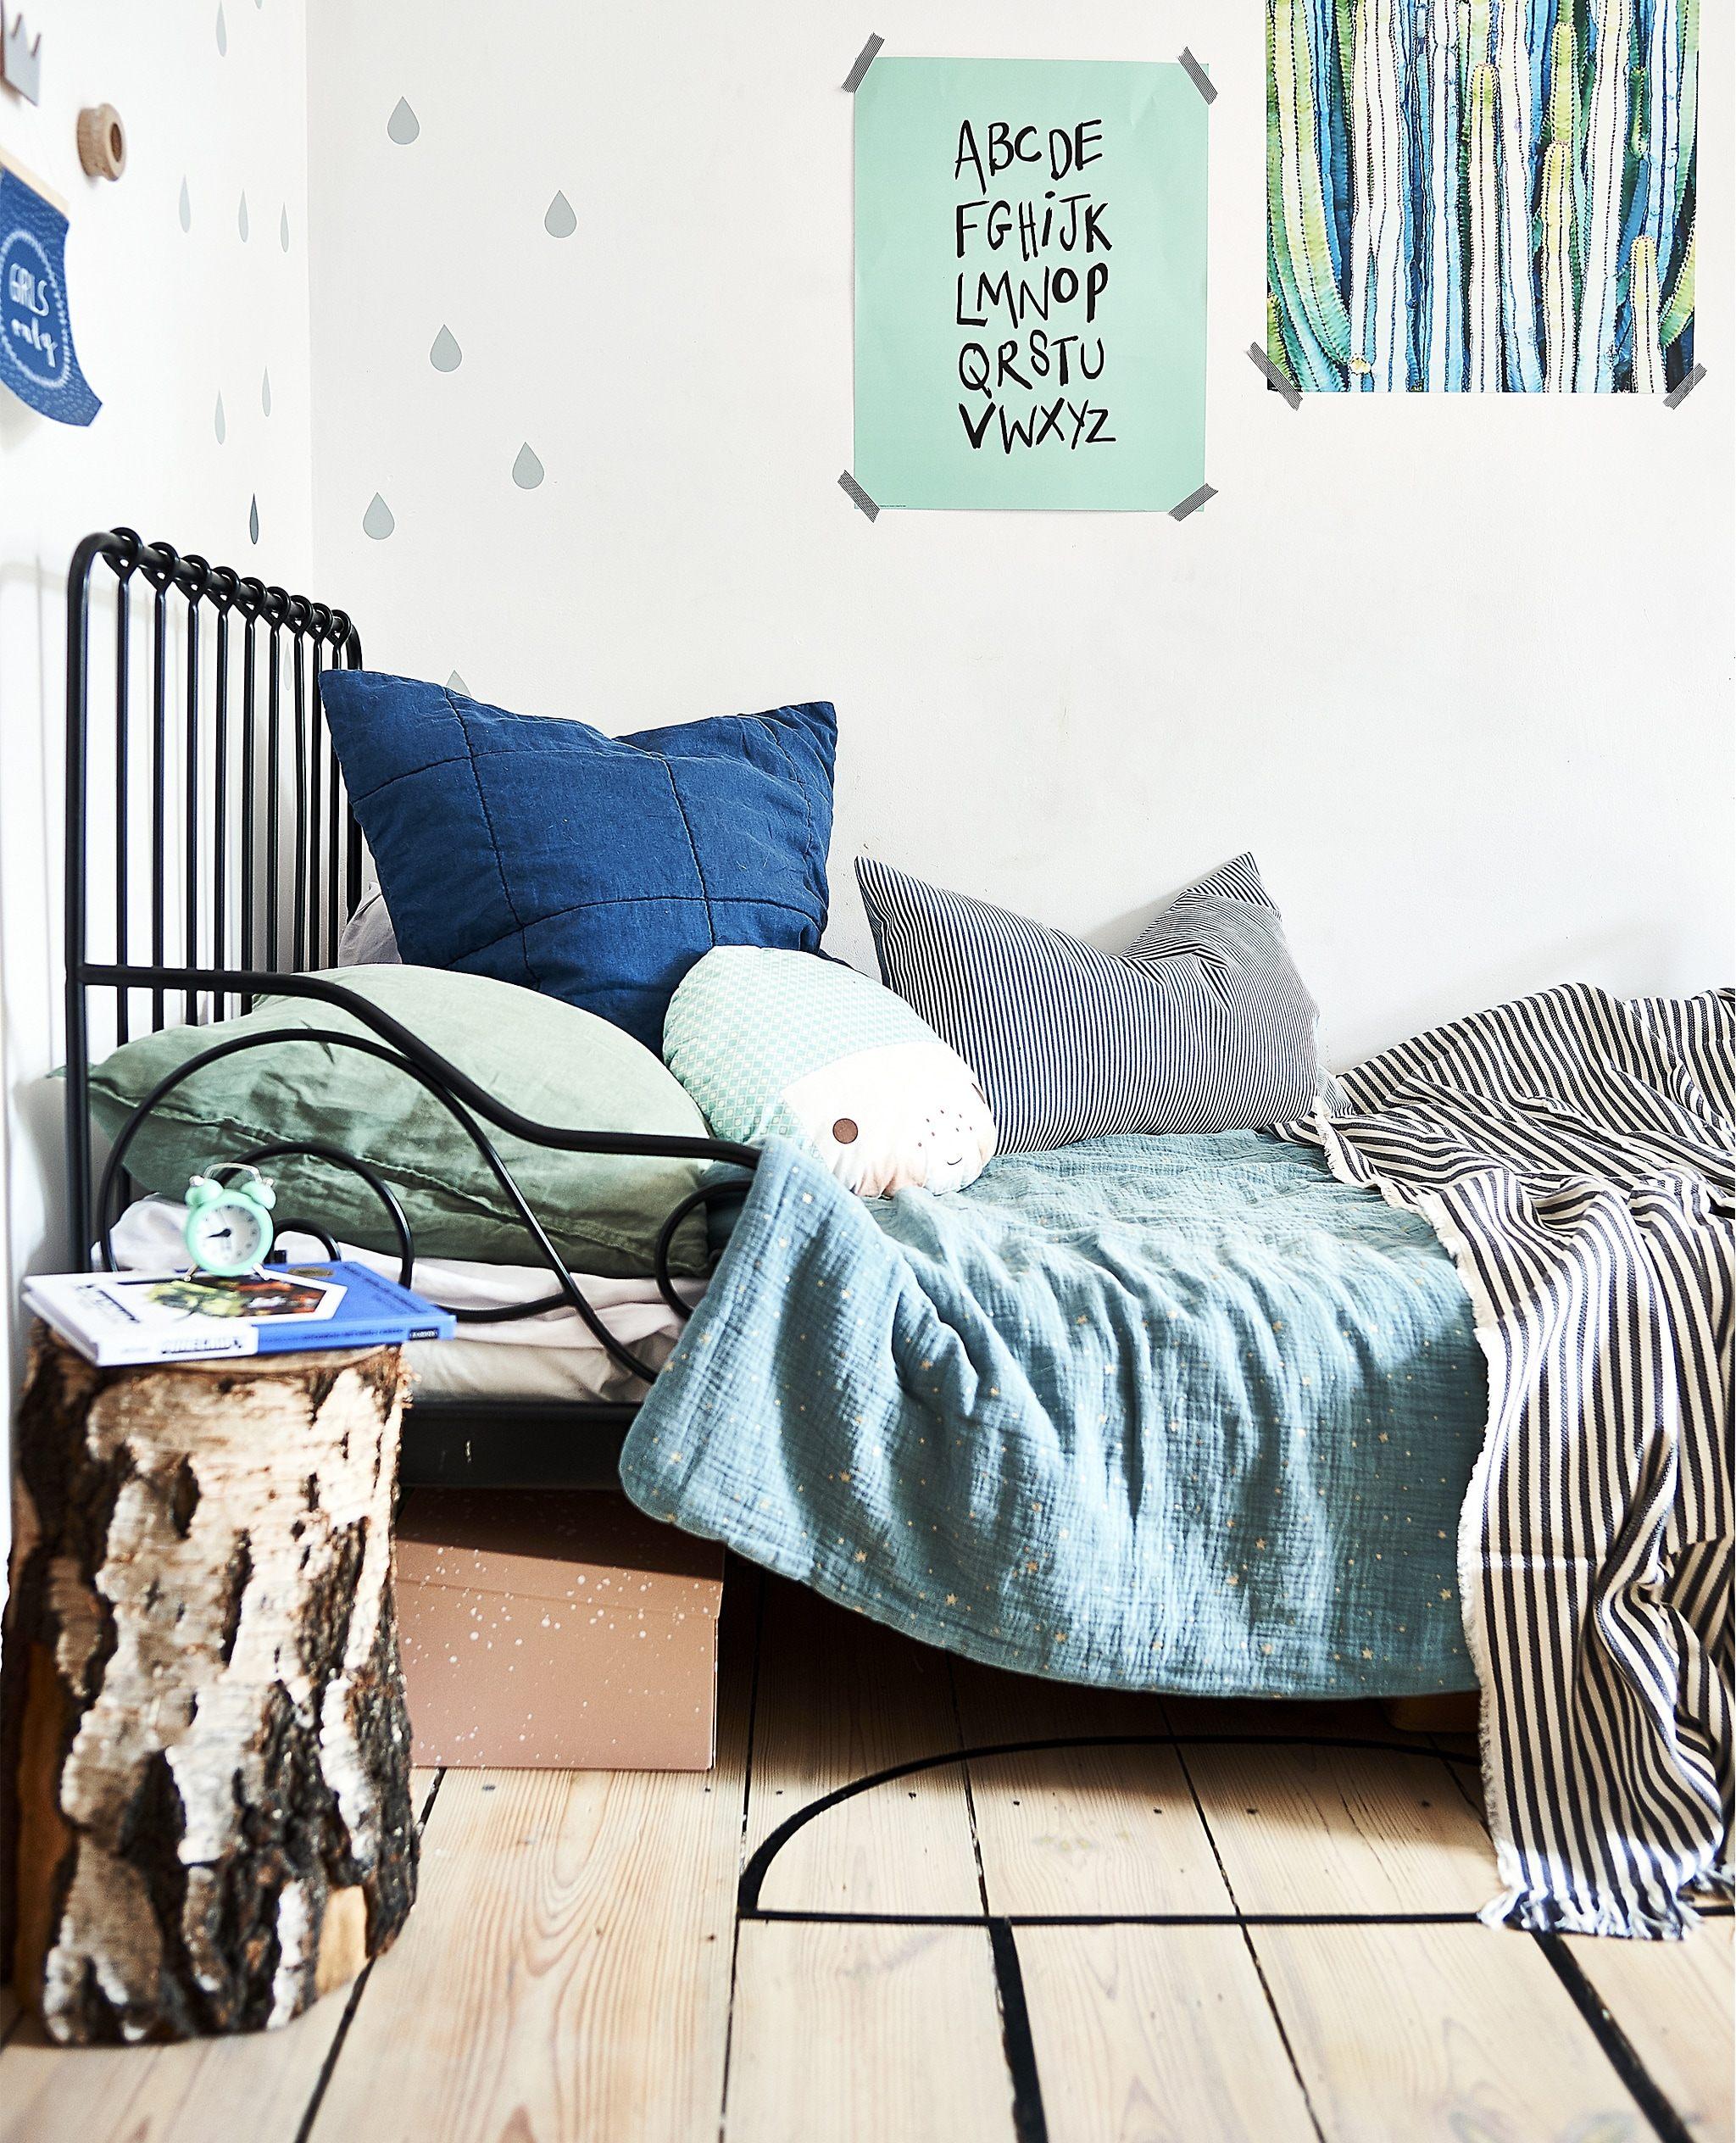 Lit D Enfant Ikea Inspiré Créez Une Chambre D Enfant Qui Stimule La Créativité Ikea